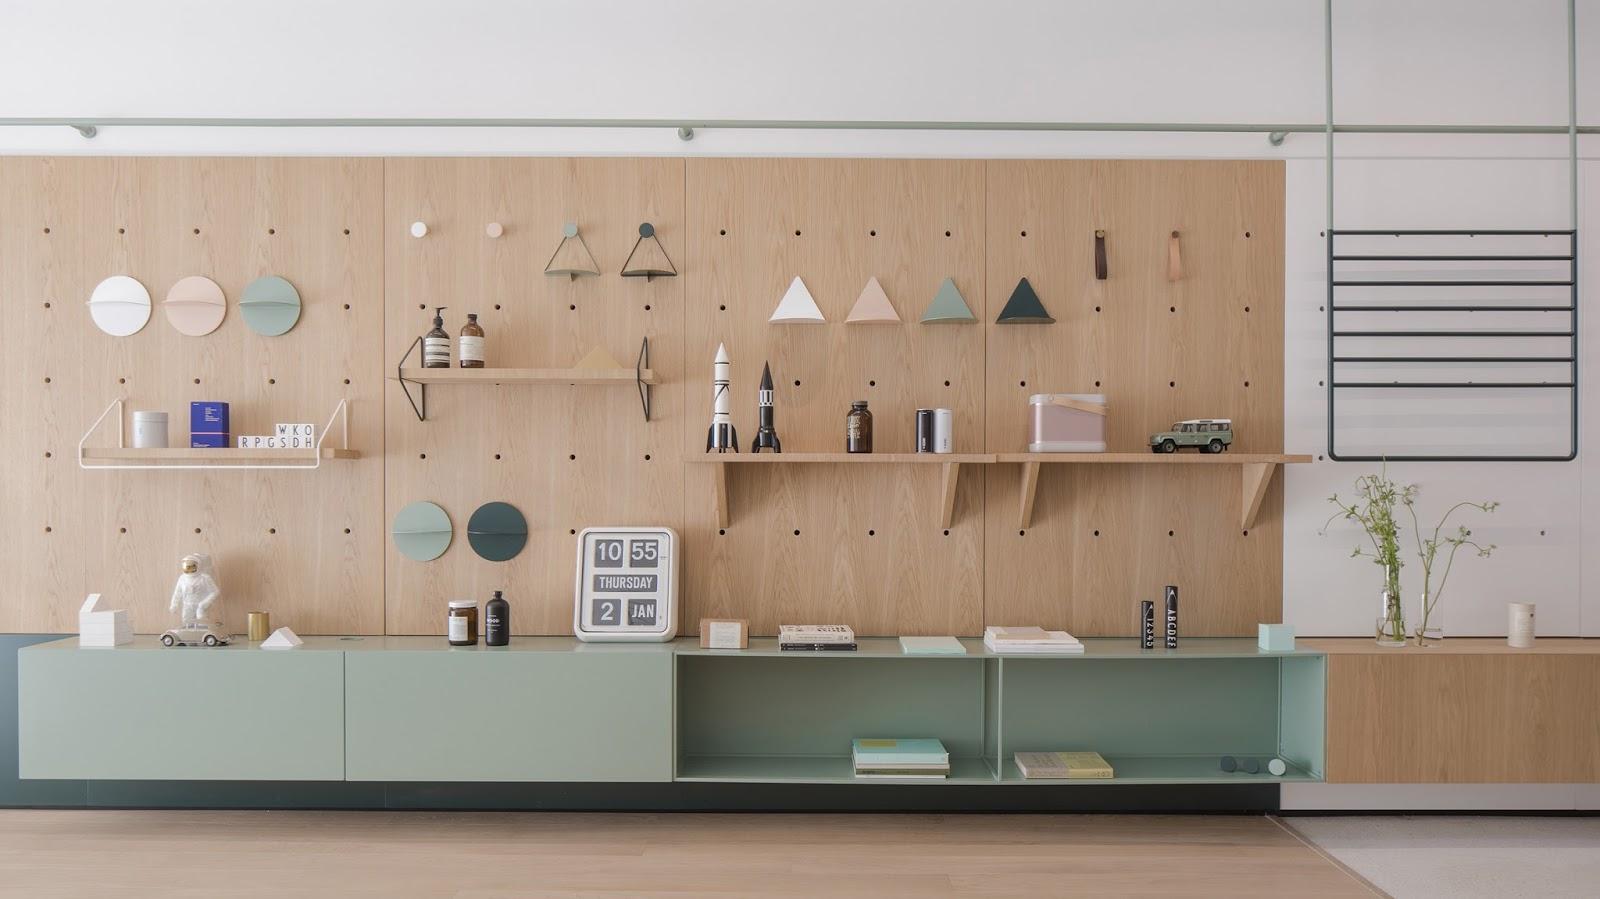 Casa con arredi modulari componibili e giocosi | ARC ART blog by ...